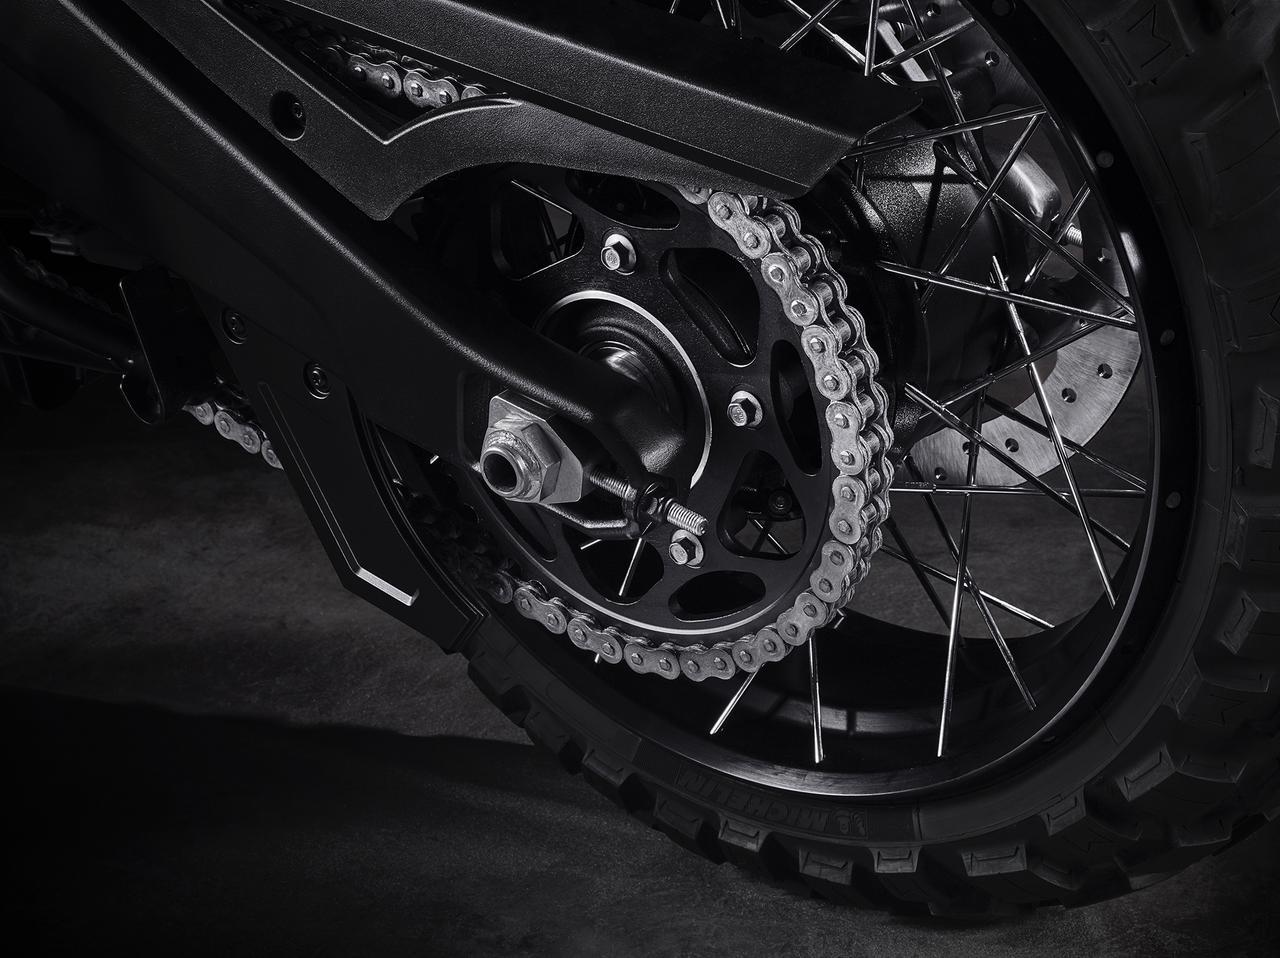 Images : 6番目の画像 - 「ハーレー初のアドベンチャー「Pan America」が登場!1250ccの新型水冷Vツインエンジン「Revolution Max」とは?【EICMA 2019速報!】」のアルバム - webオートバイ